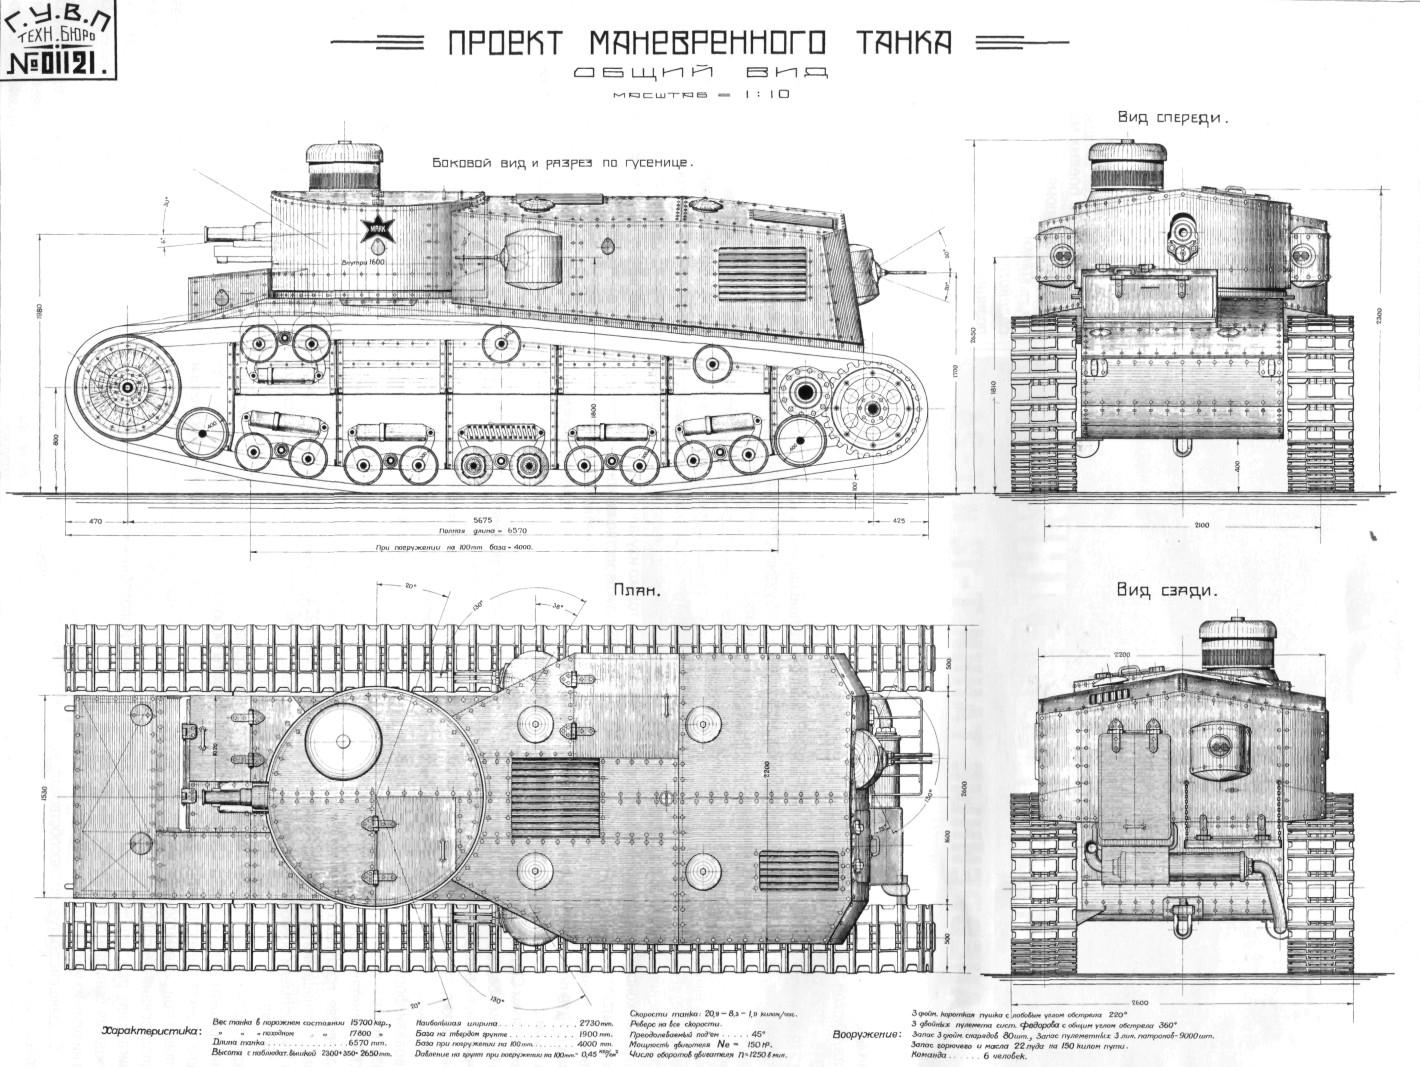 Манёвренный танк ГУВП* (1925)